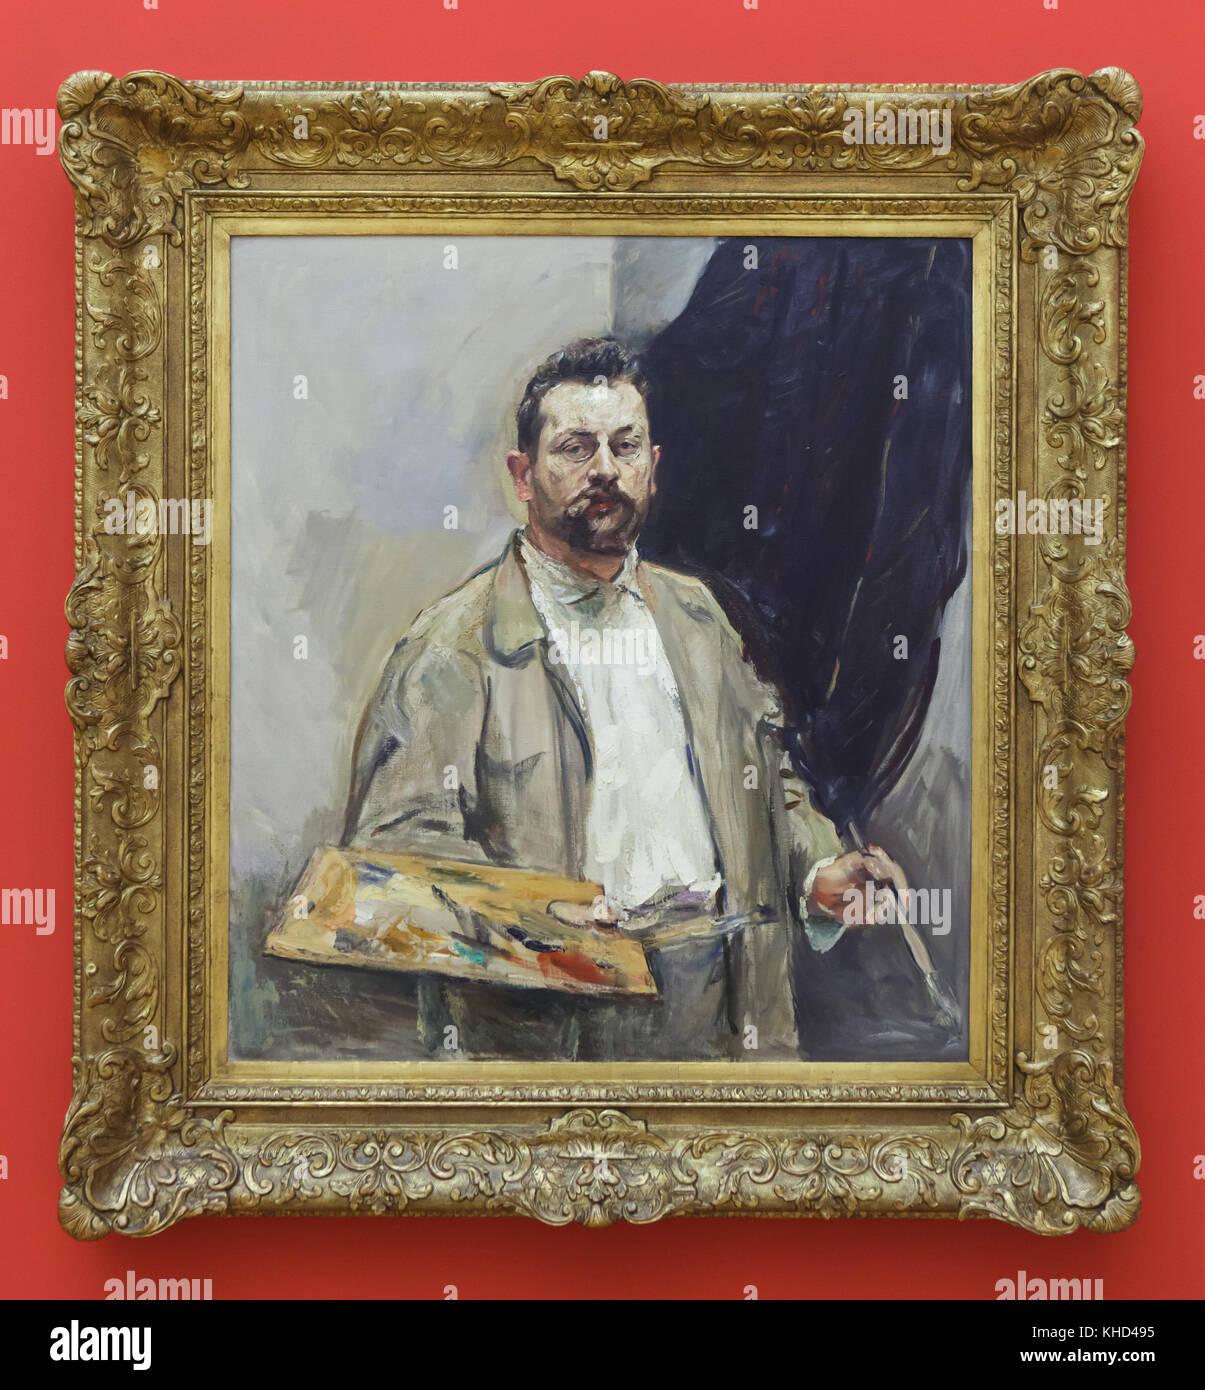 """Malerei 'Selbst-Portrait mit der Palette"""" (1906) von Deutschen impressionistischen Malers Max Slevogt auf Anzeige Stockfoto"""